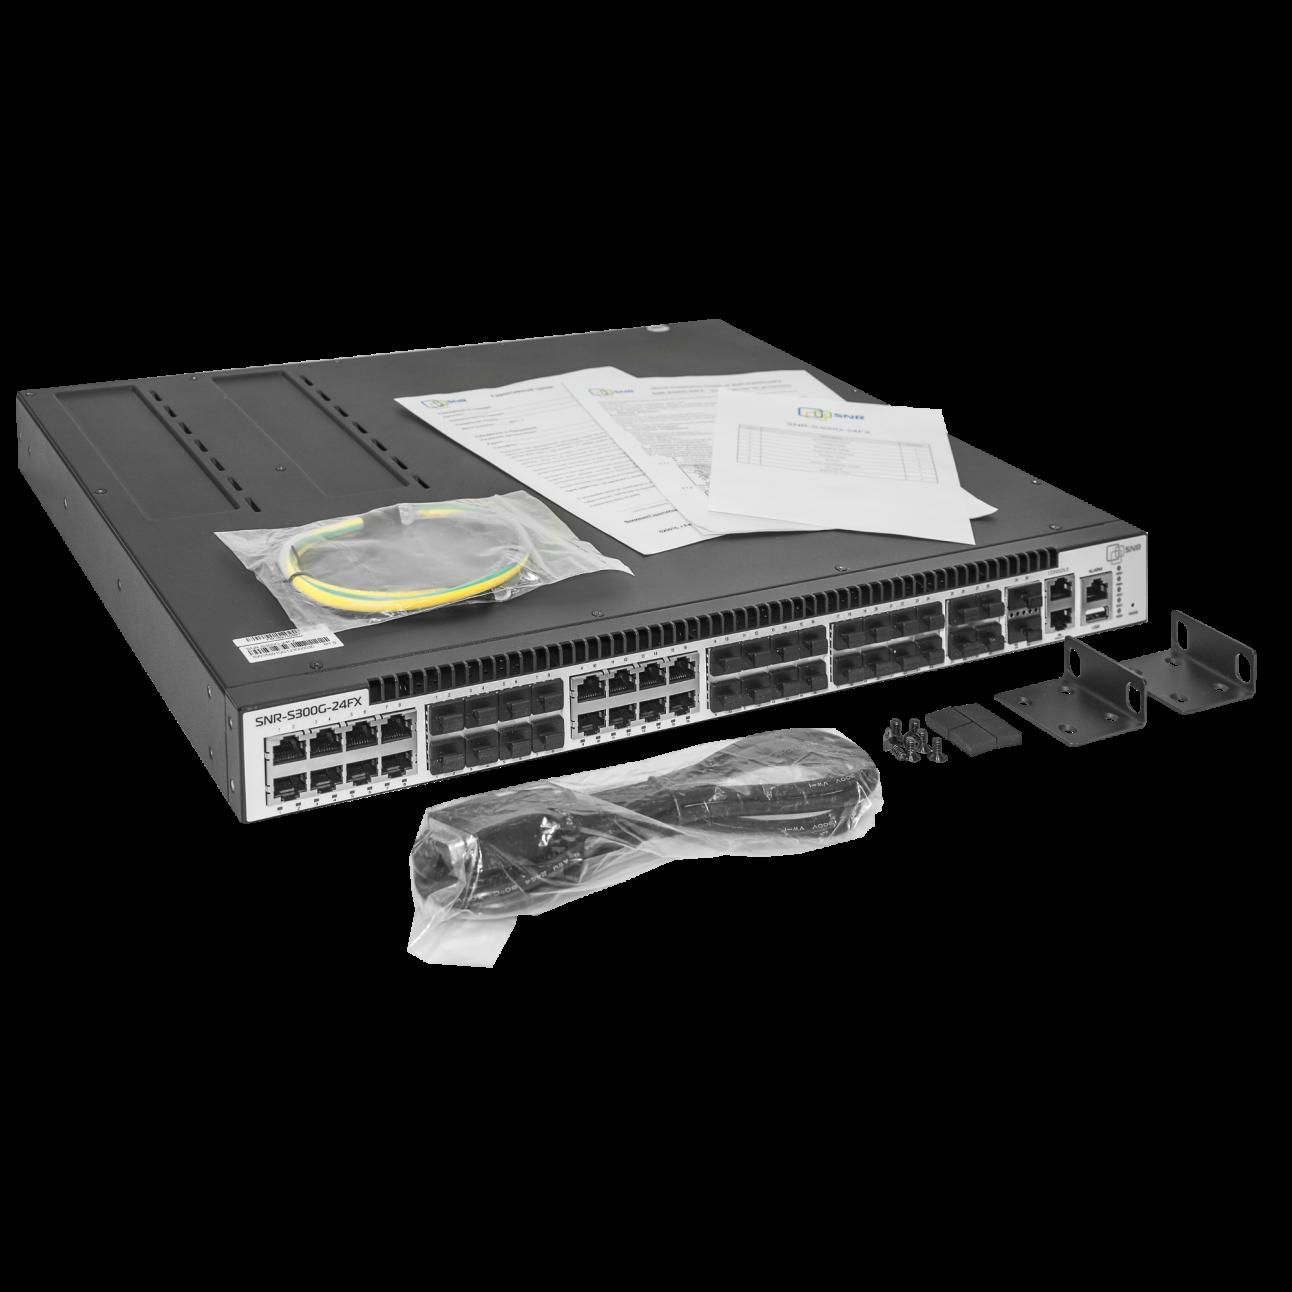 Управляемый коммутатор уровня 3 SNR-S300G-24FX без блоков питания